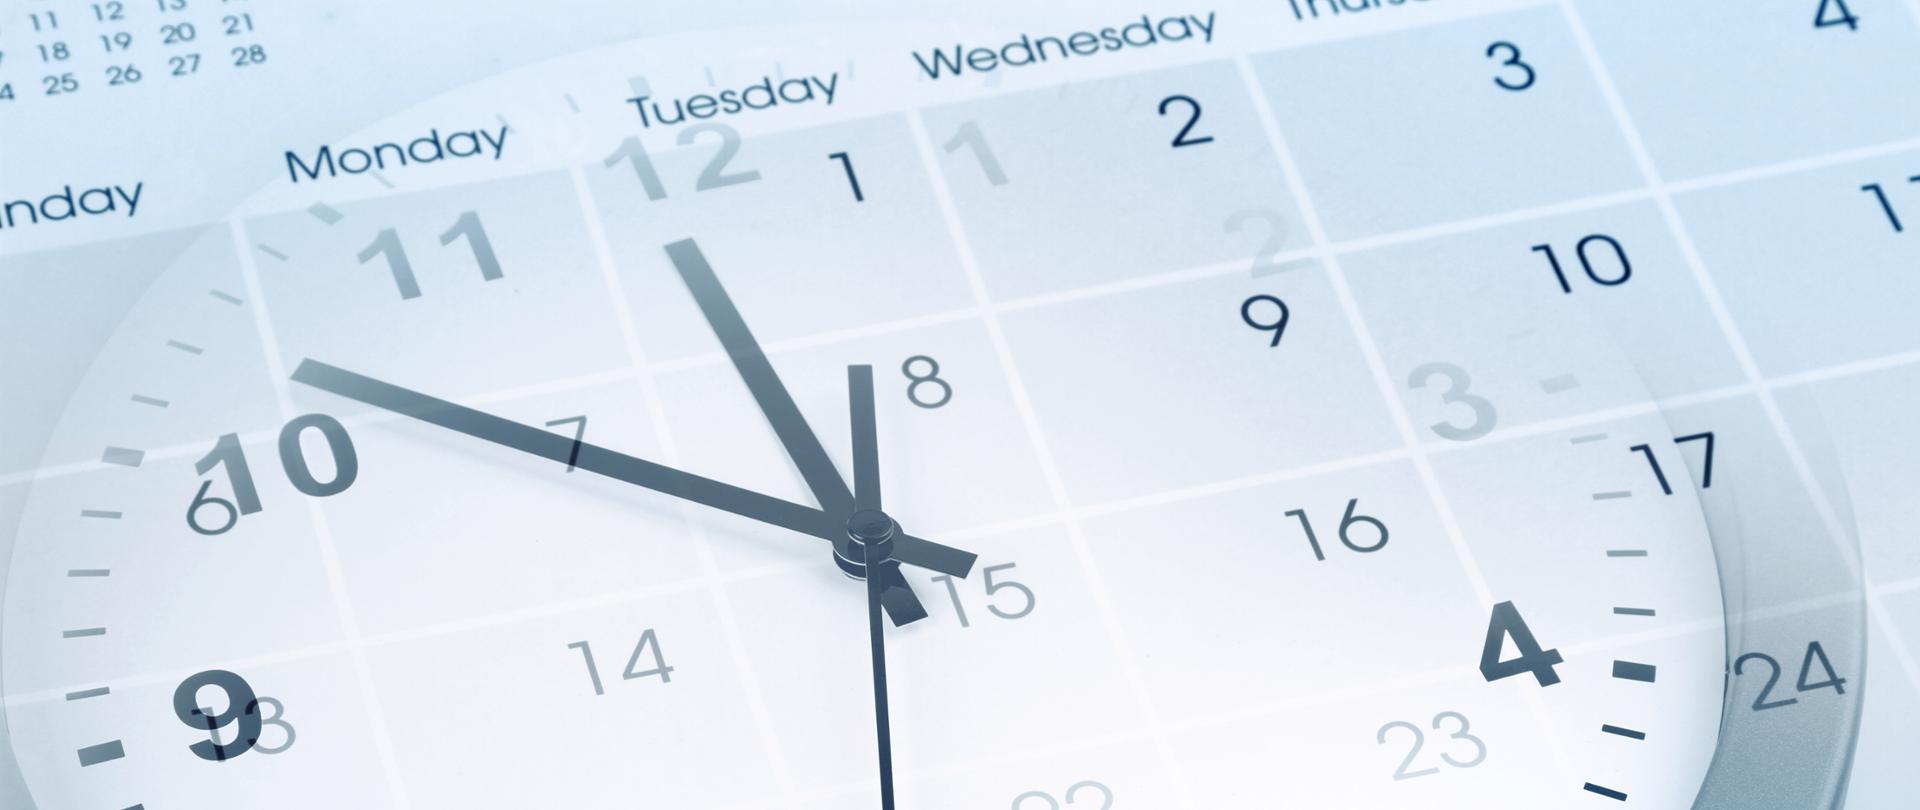 Biały zegar na tle białego kalendarza